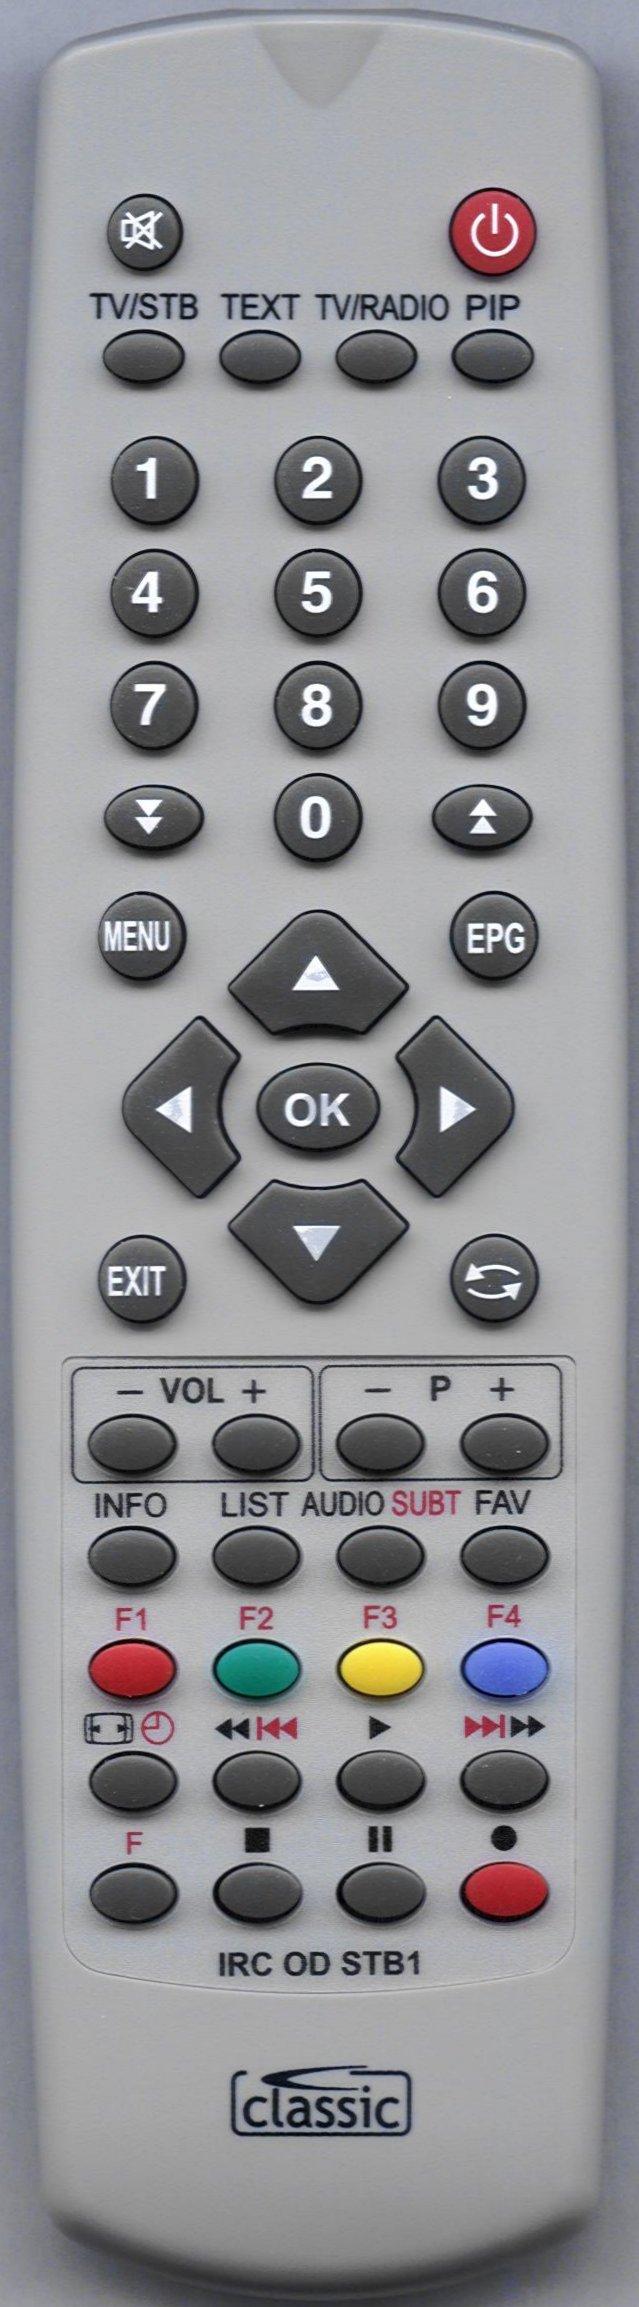 Digital Stream DHR8205U Remote Control